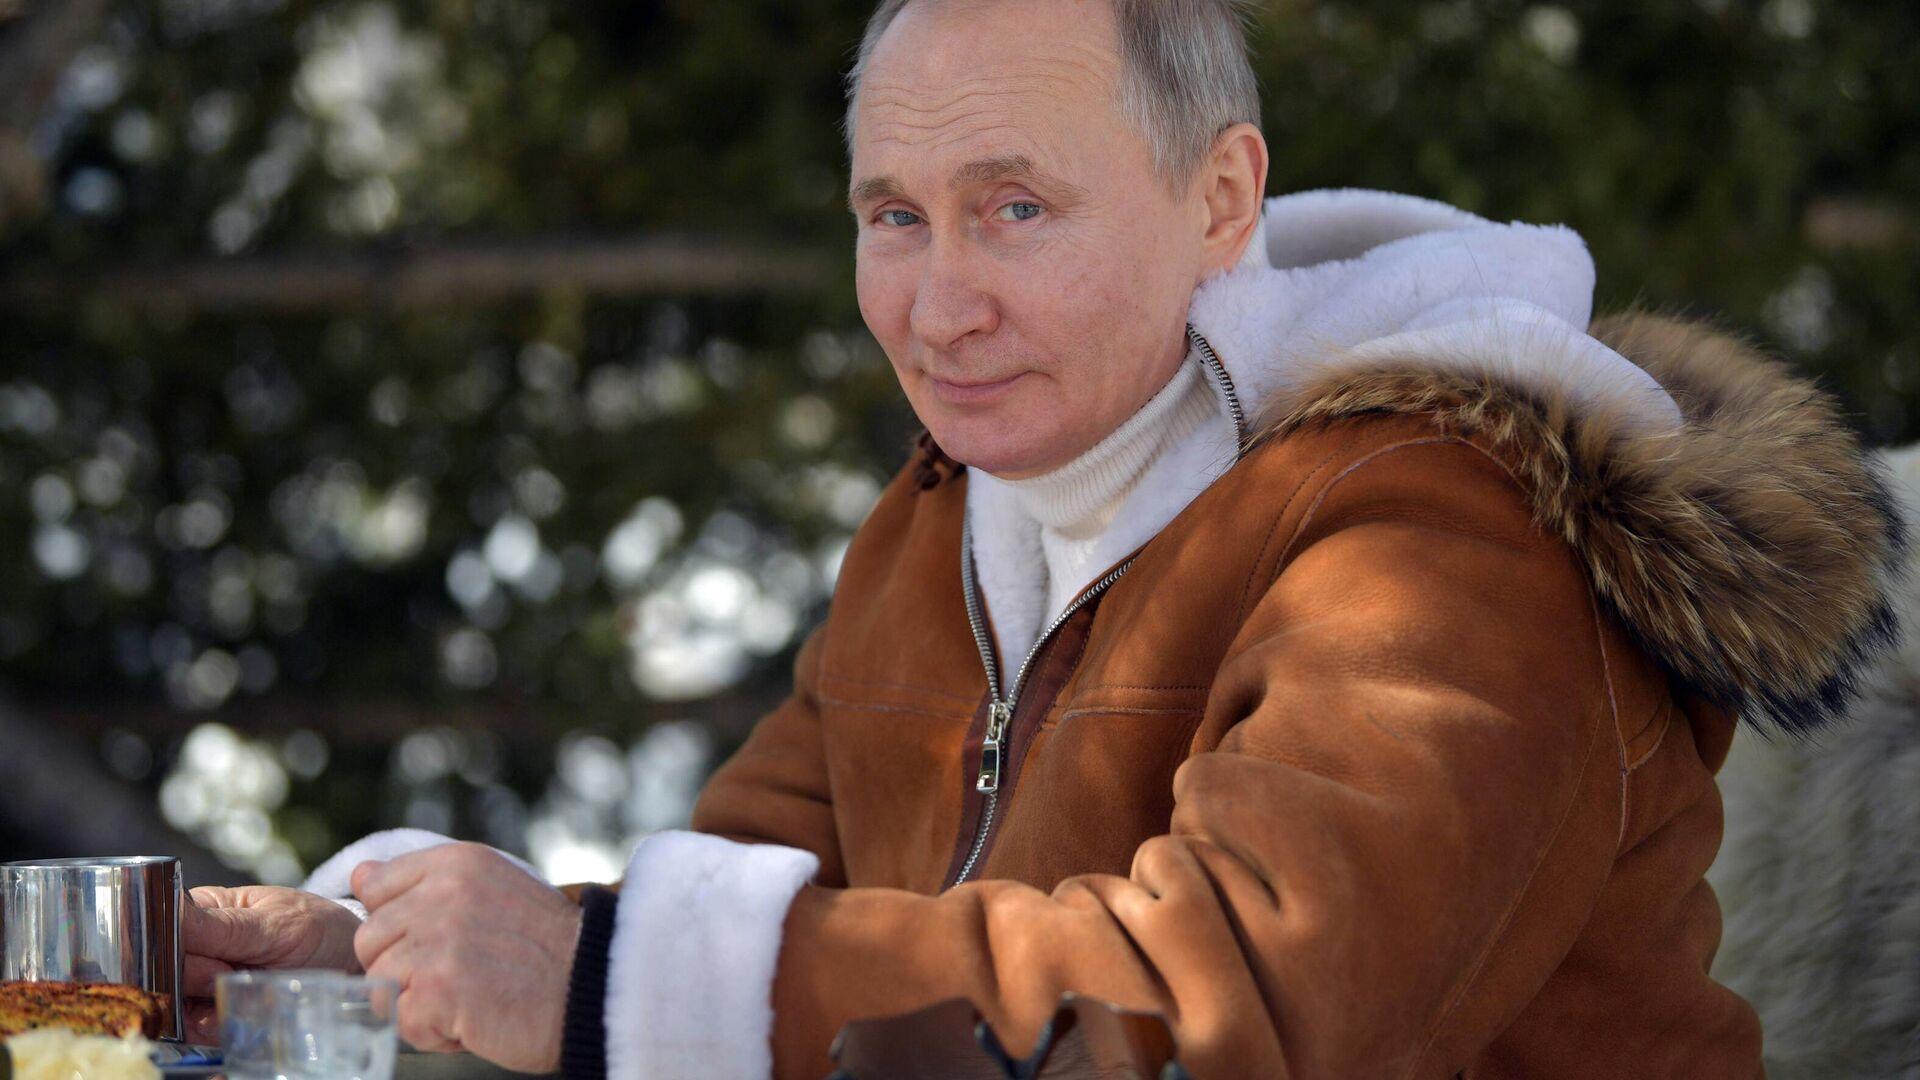 El presidente de Rusia, Vladímir Putin, durante unas minivacaciones en Siberia - Sputnik Mundo, 1920, 28.03.2021